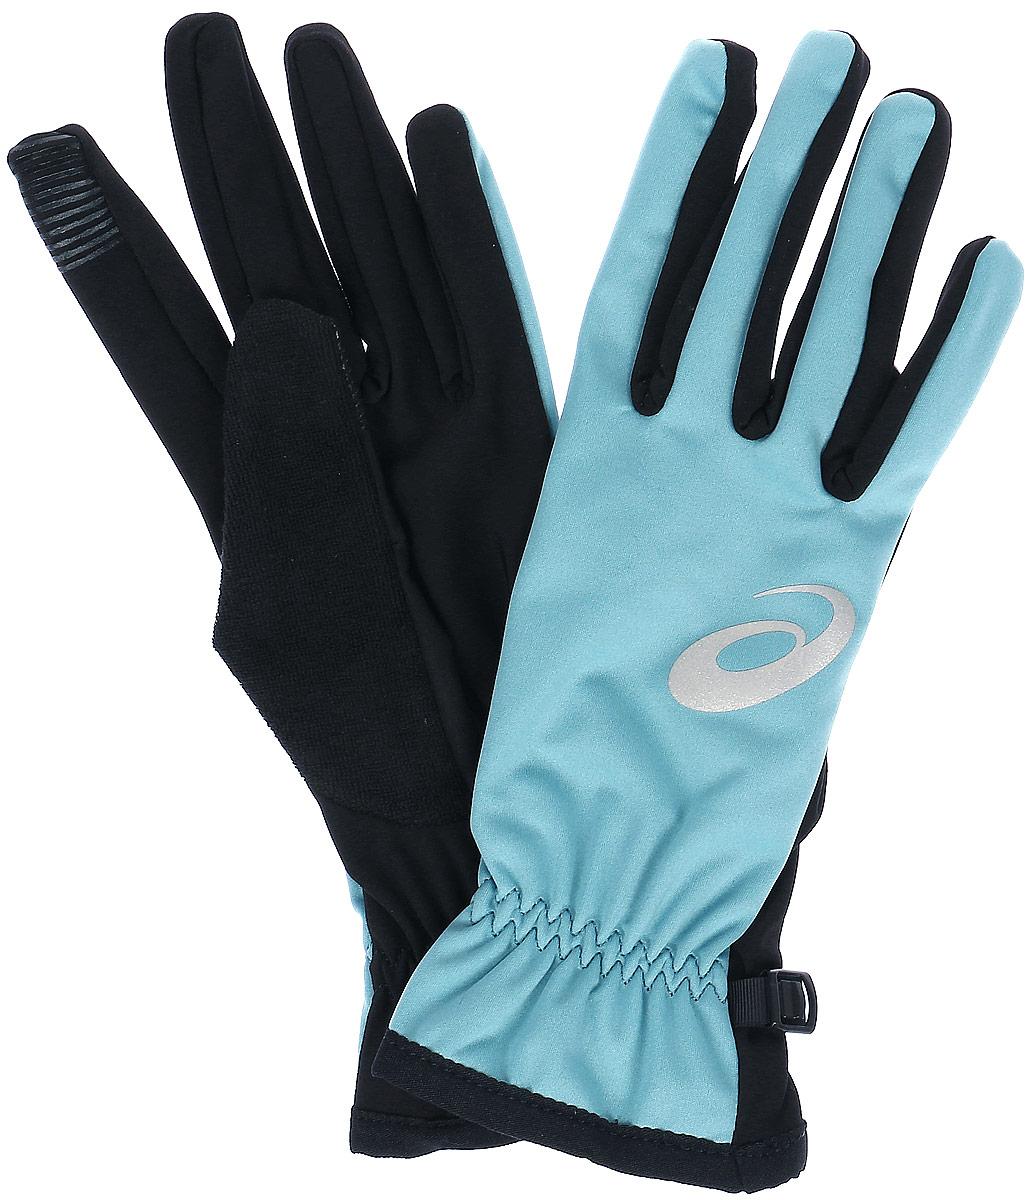 Перчатки для бега Asics Winter Performance Gloves, цвет: черный, бледно-бирюзовый. 134926-8148. Размер XS (7)134926-8148Спортивные перчатки для бега Asics выполнены из полиэстера и эластана. Снаружи модель оформлена принтом с изображением логотипа бренда. Перчатки дополнены эластичными резинками, которые надежно зафиксируют модель на запястье, не сдавливая его. Также перчатки оснащены застежкой-фастексом.